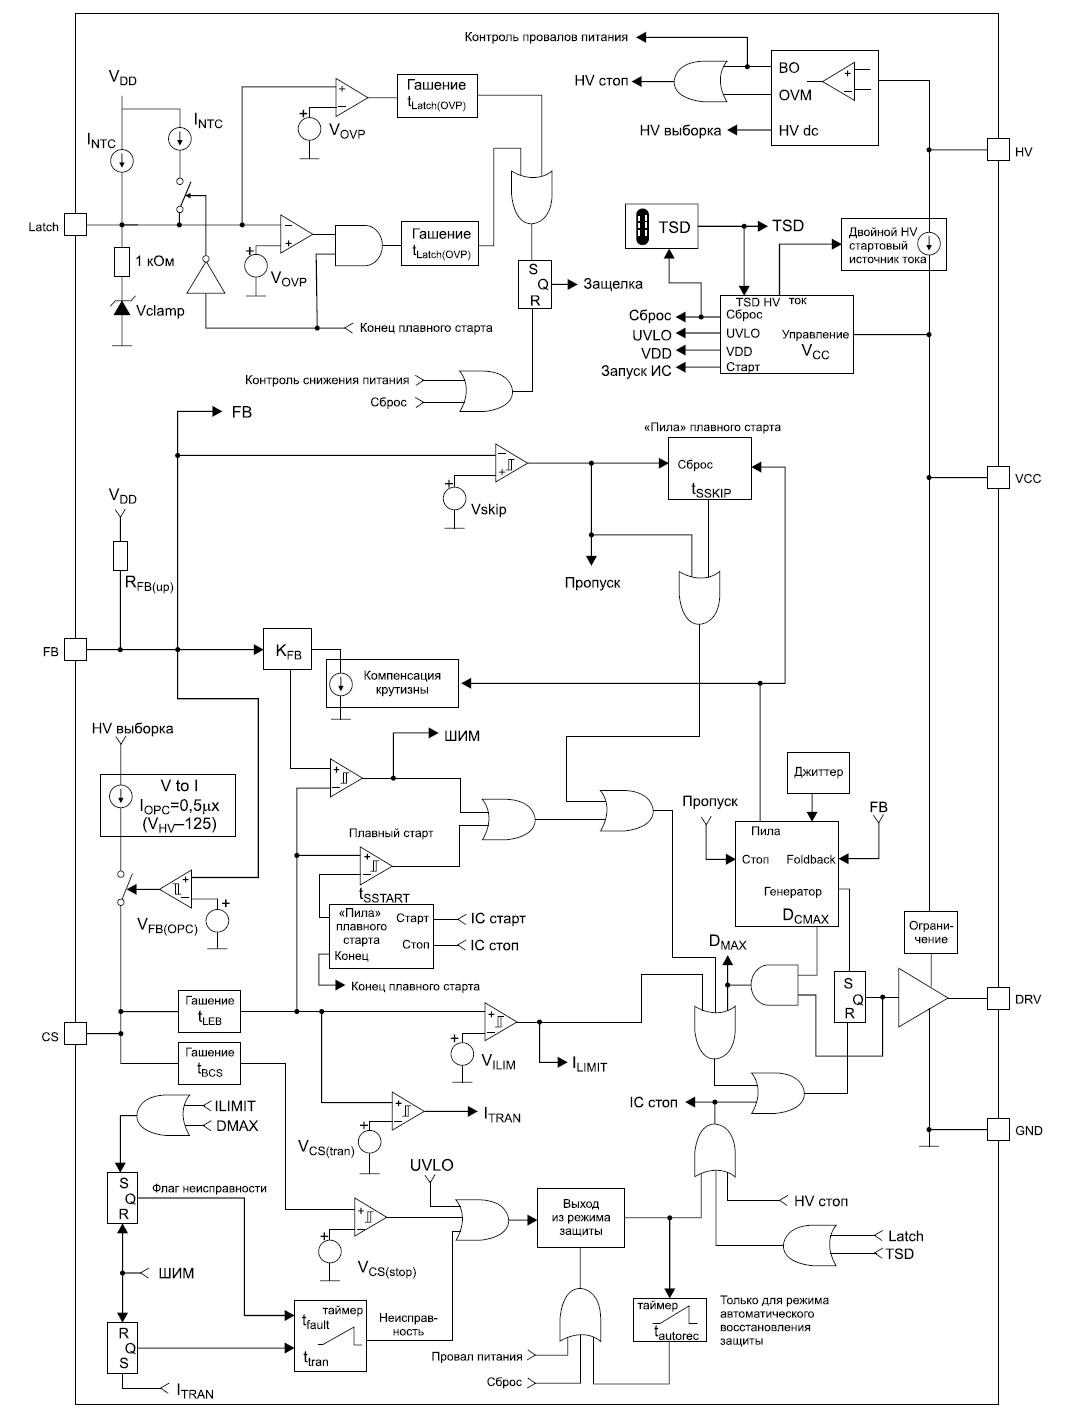 Упрощенная блок-схема контроллера